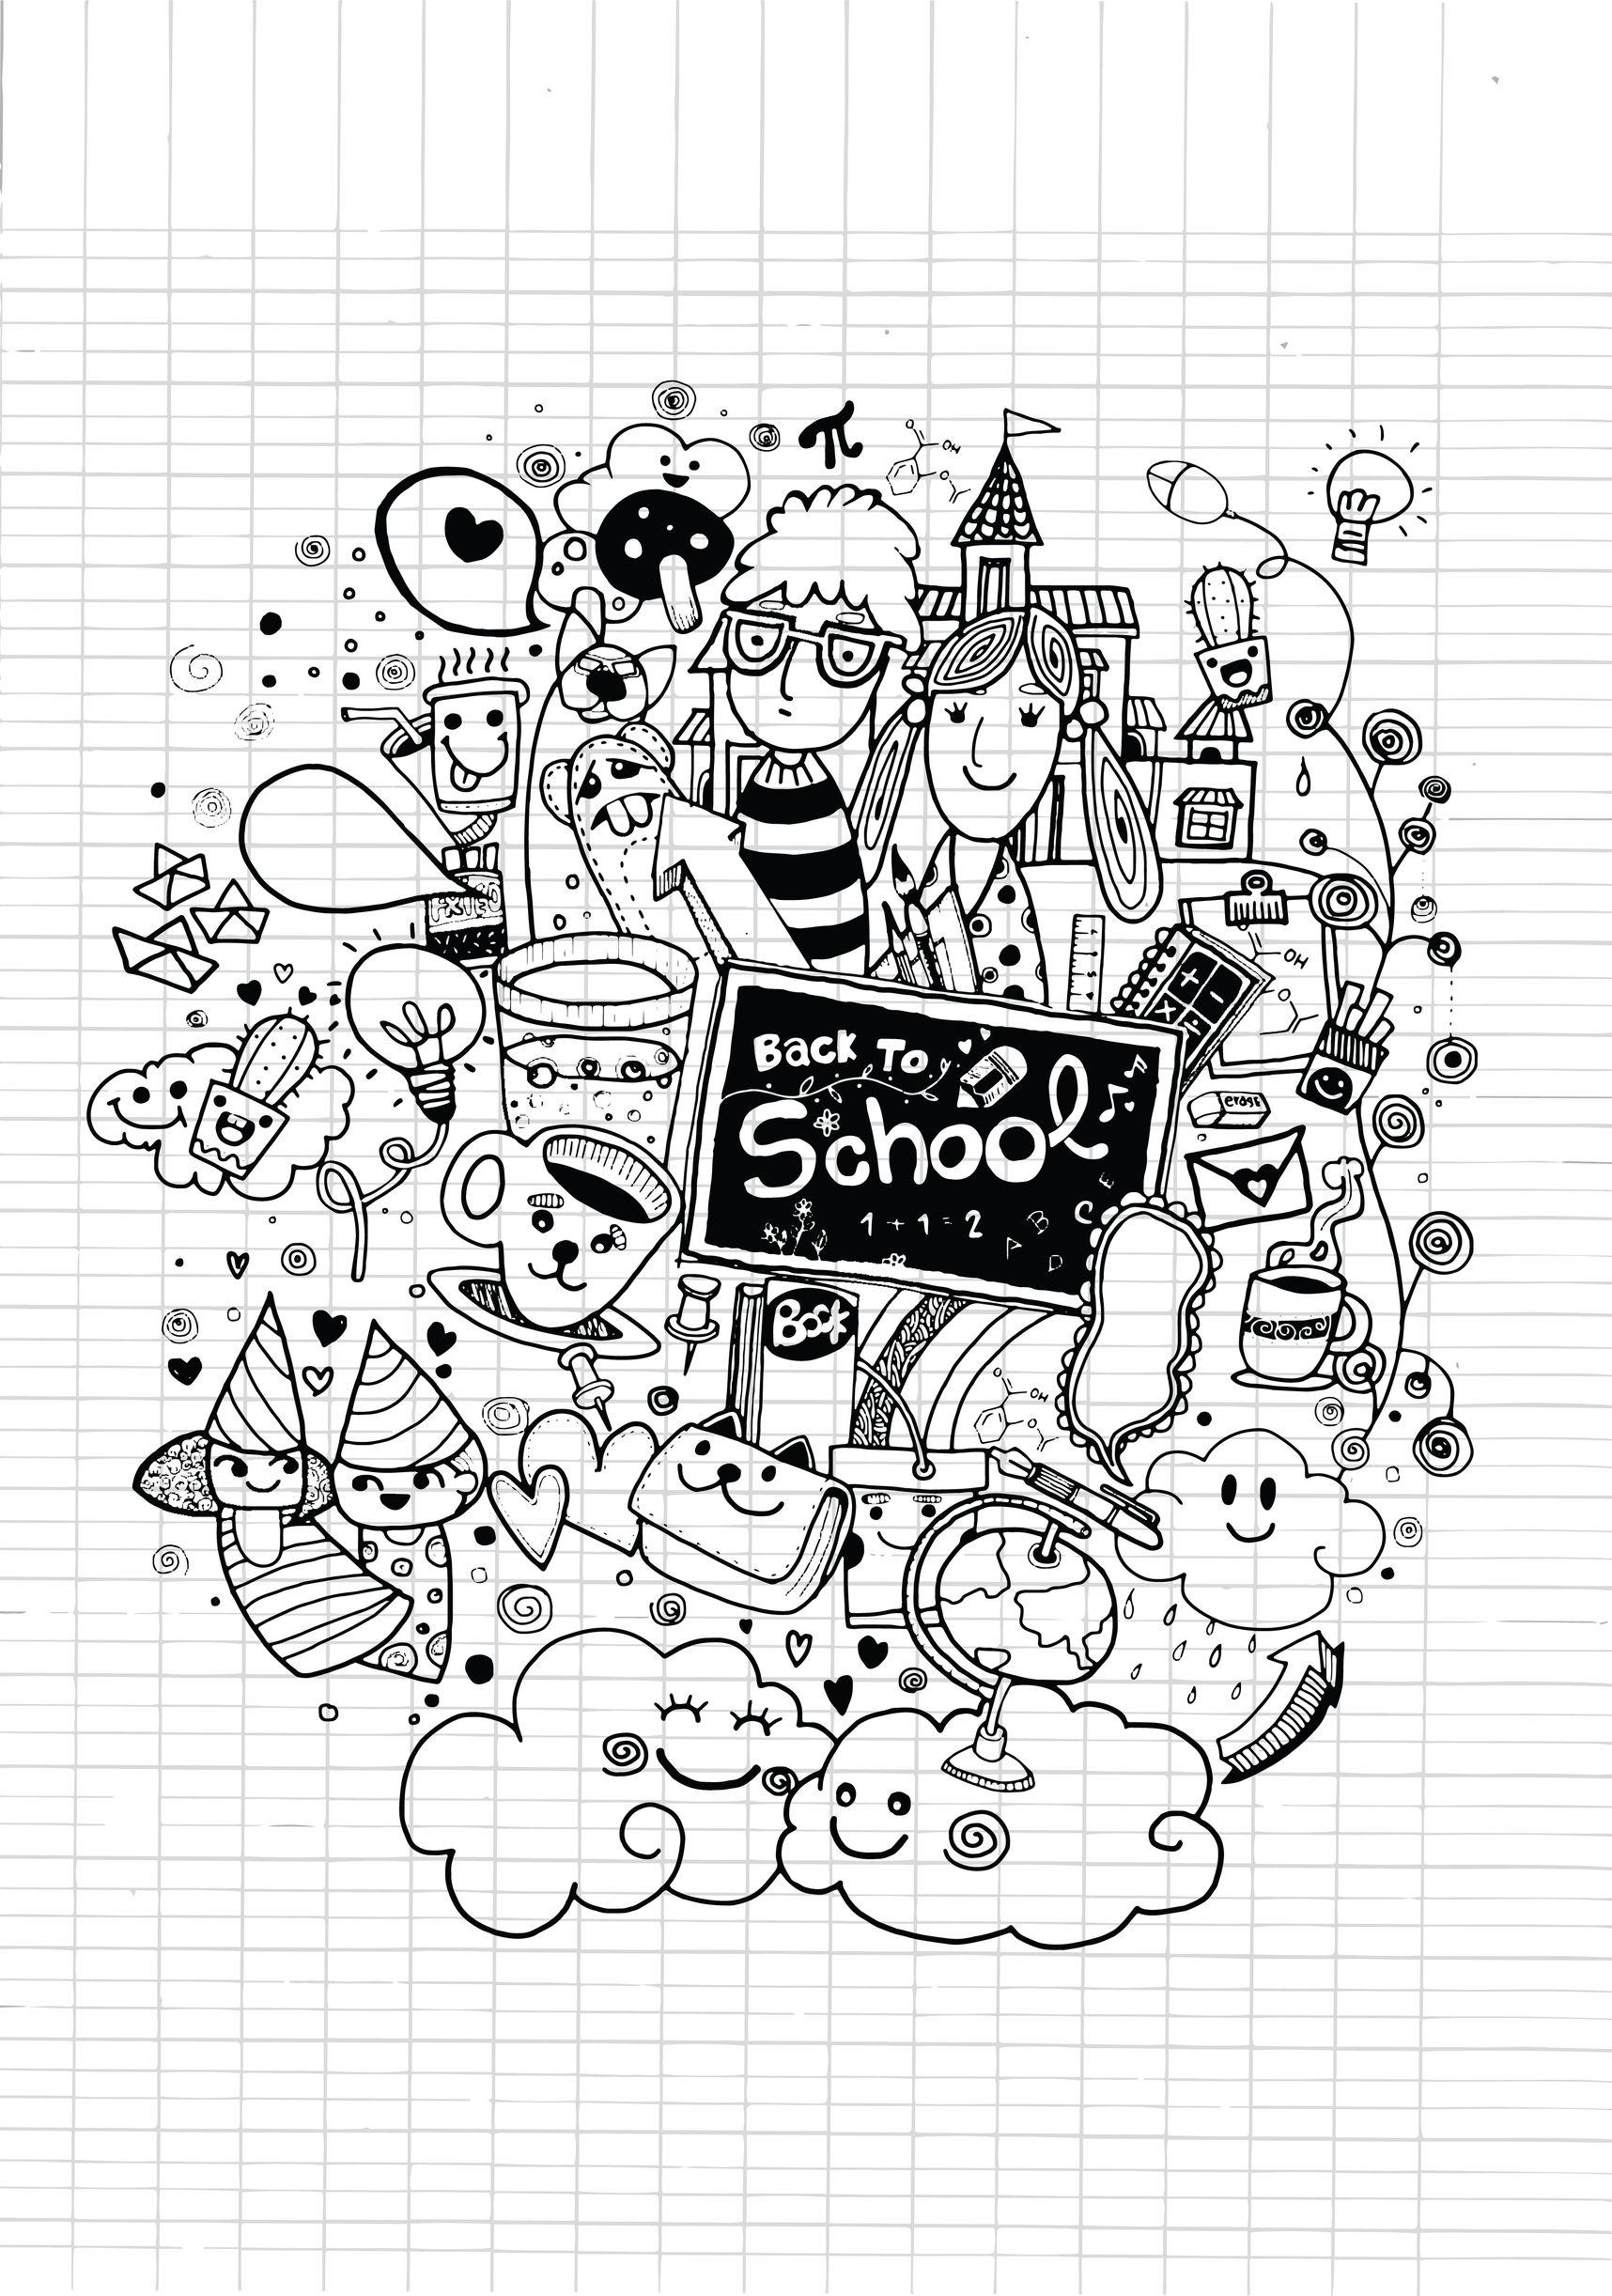 Doodle Rentree Des Classes Sur Cahier - Doodles intérieur Des Coloriages